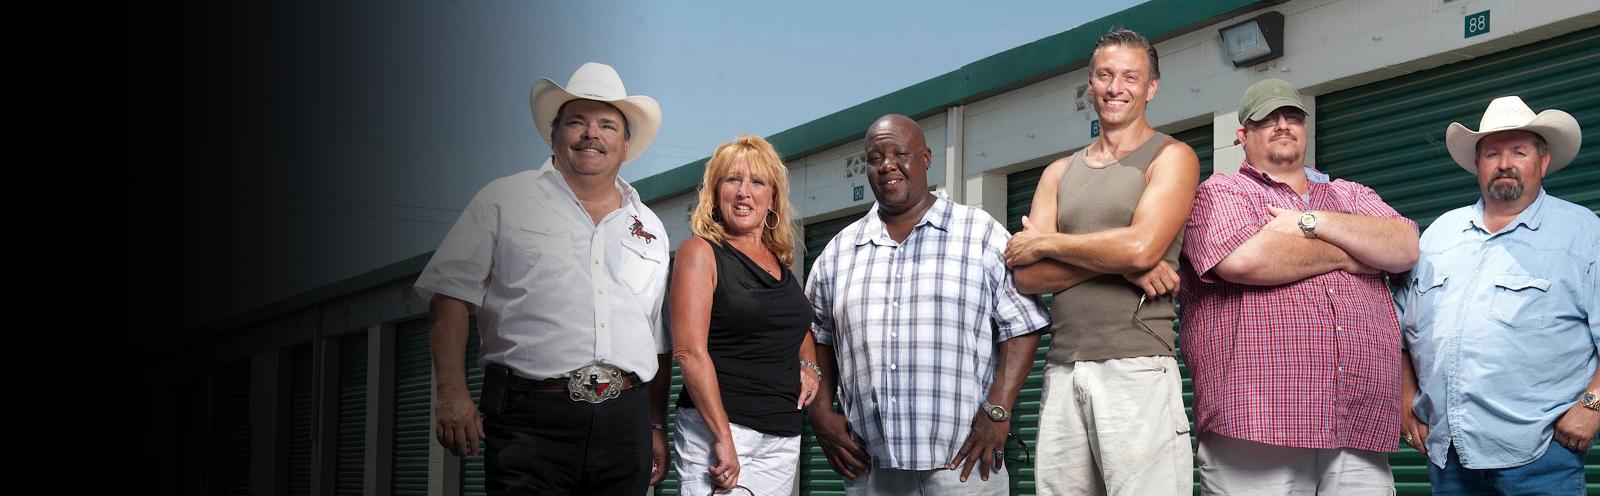 Huutokaupan metsästäjät: Teksas